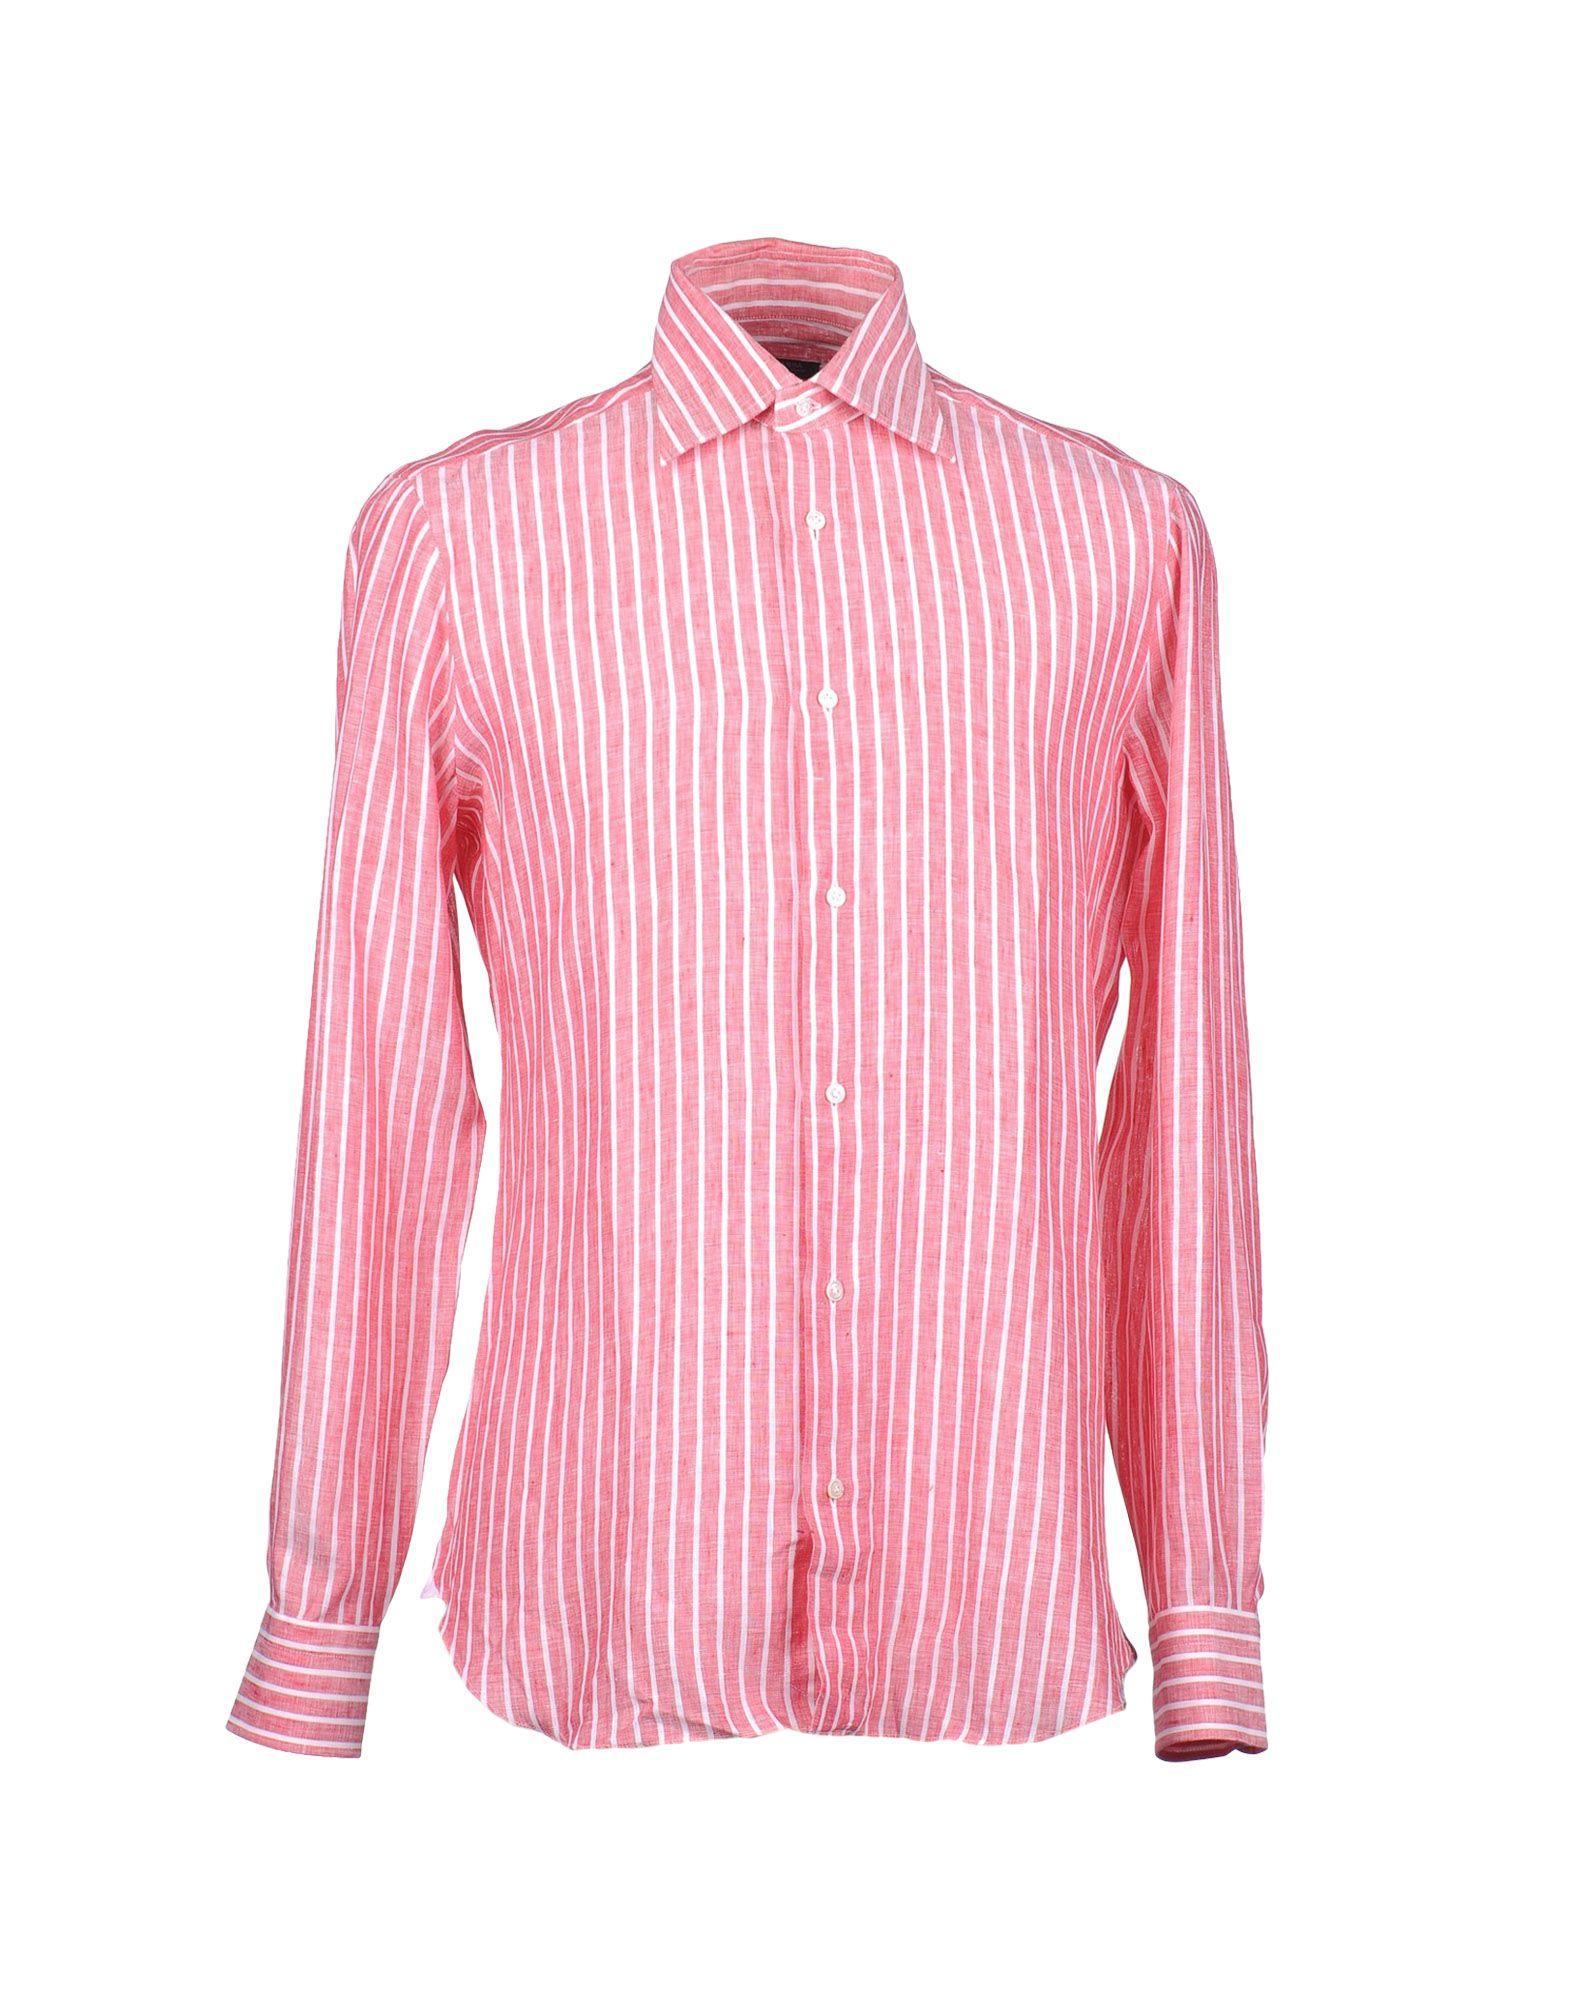 купить BARBA Napoli Рубашка с длинными рукавами по цене 5250 рублей